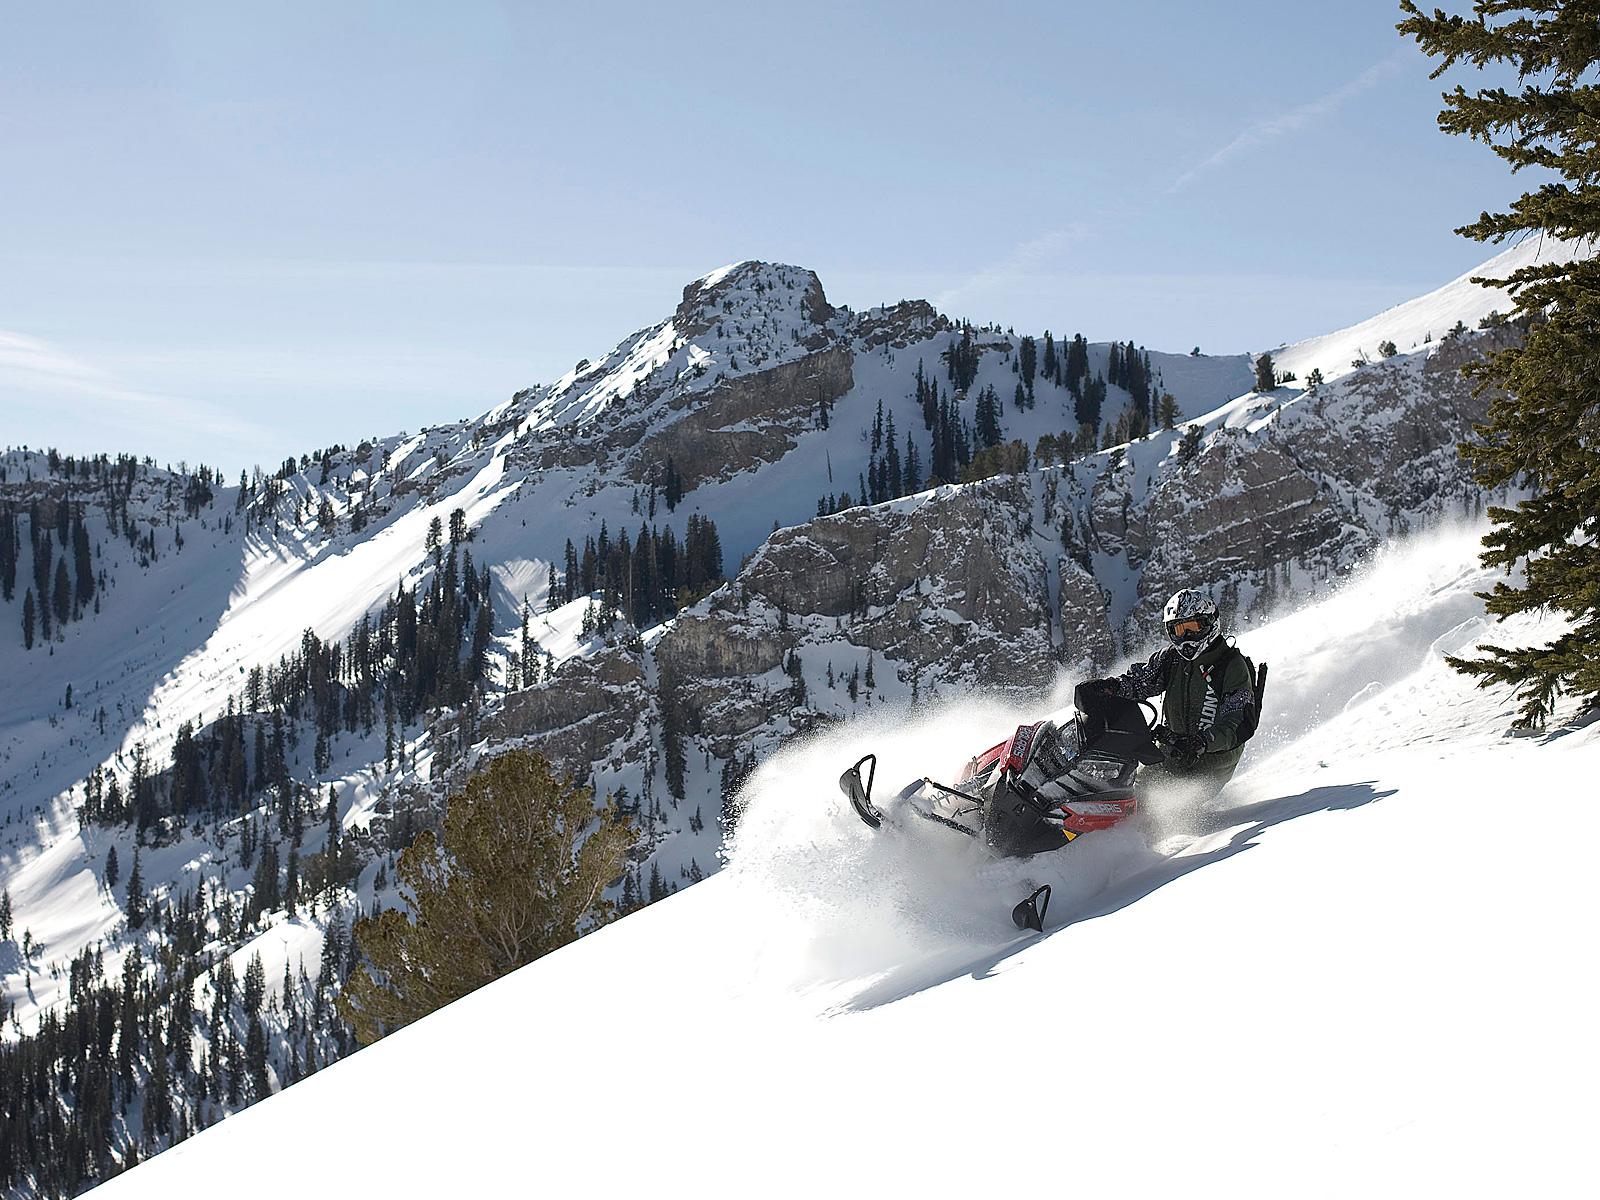 Polaris-Snowmobile-POLARIS-PRO-RMK-snowmobile-winter-sled-snow-g-background-wallpaper-wp5808895